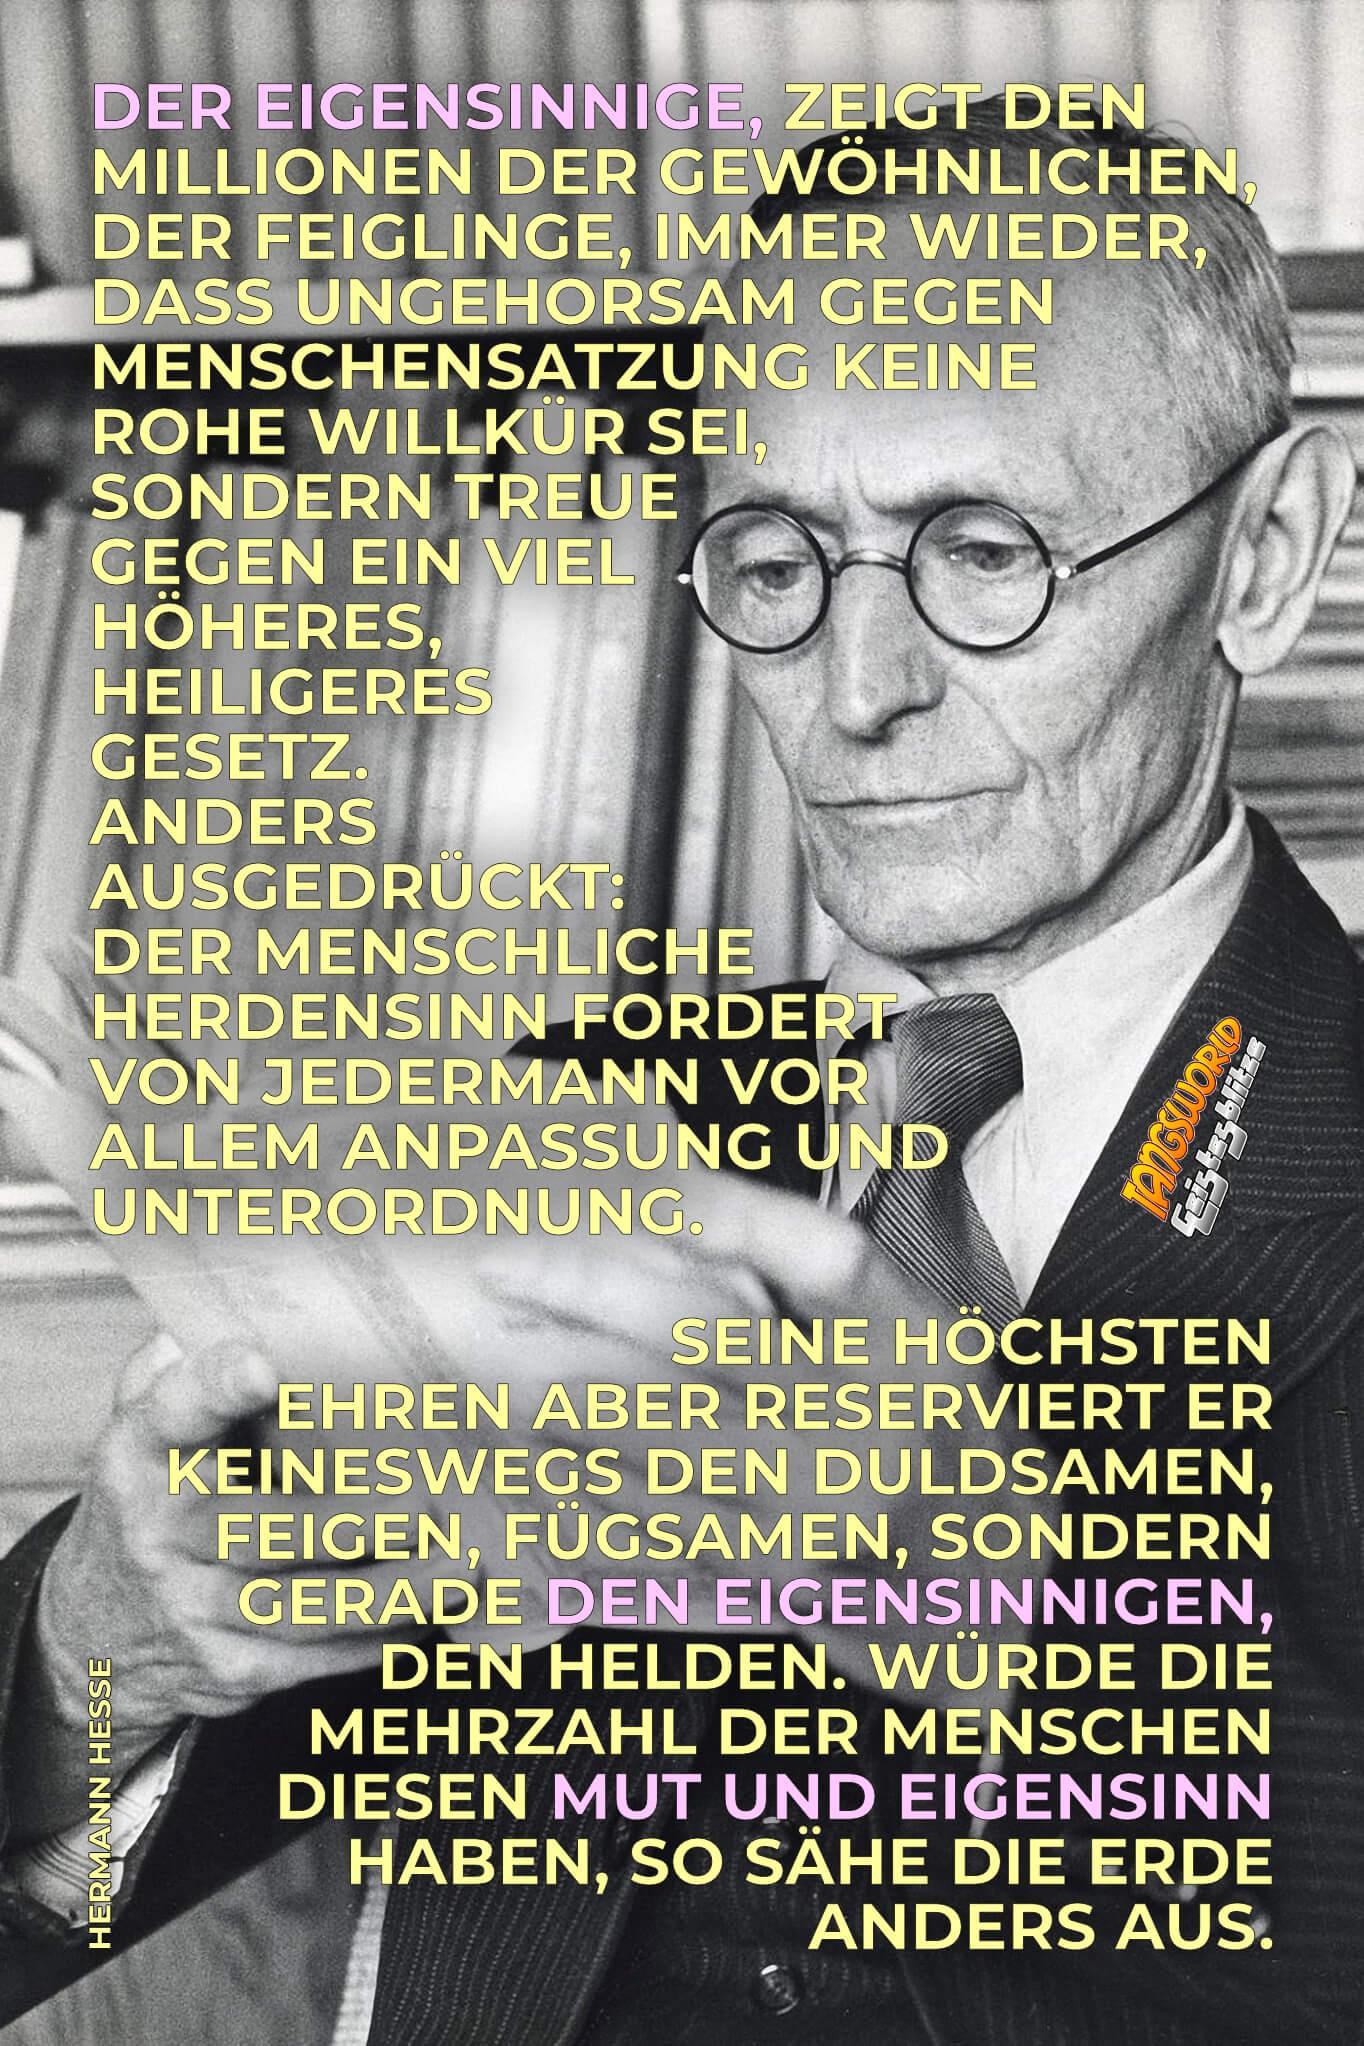 Mut und Eigensinn - Zitat von Hermann Hesse aus seinem Buch: »Eigensinn macht Spaß« - Geistesblitze